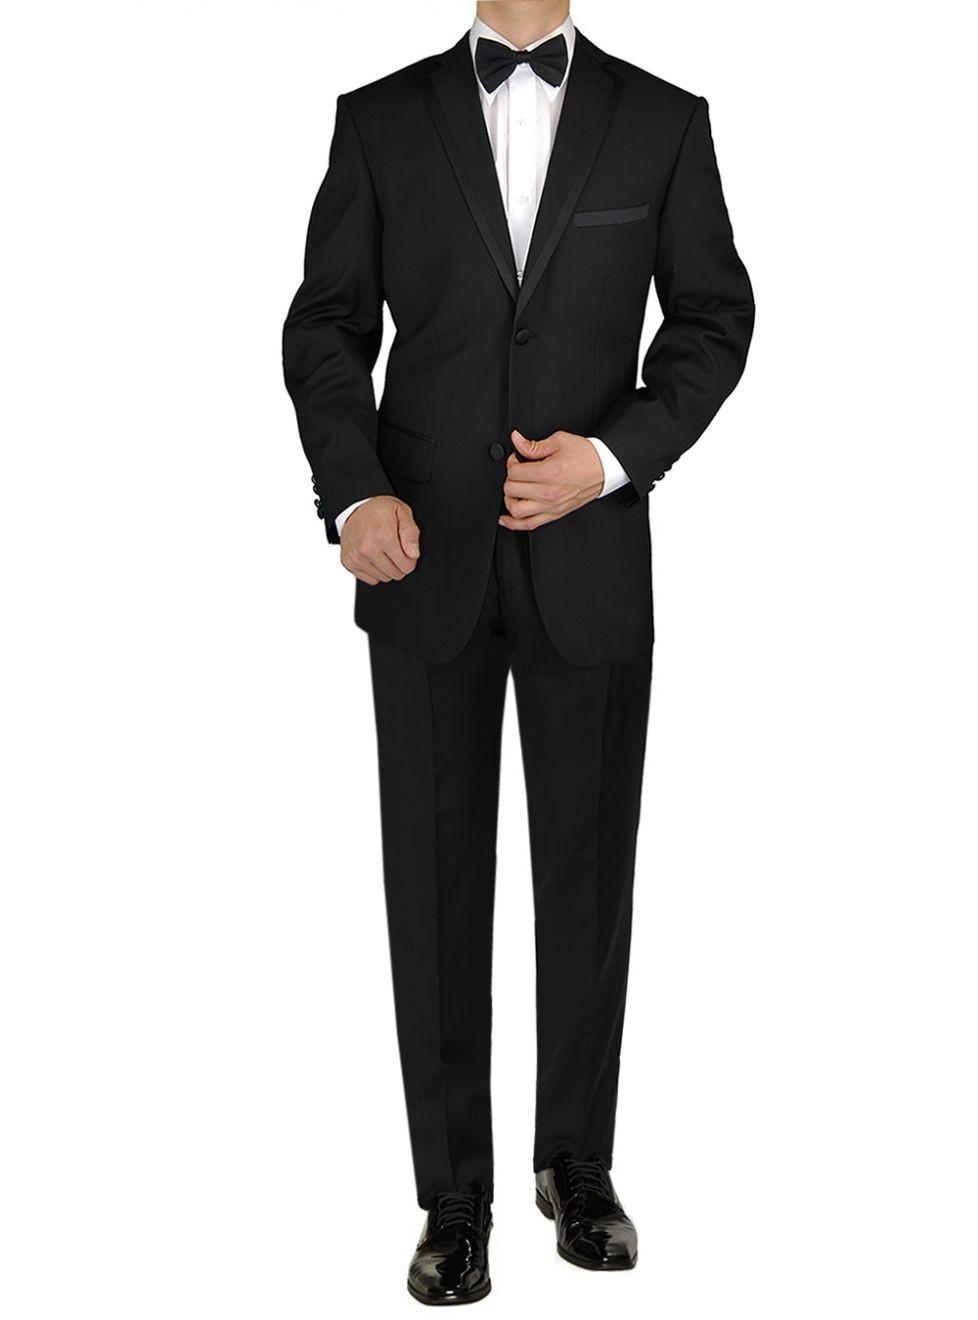 Mens Tuxedo Suit Two Button Jacket